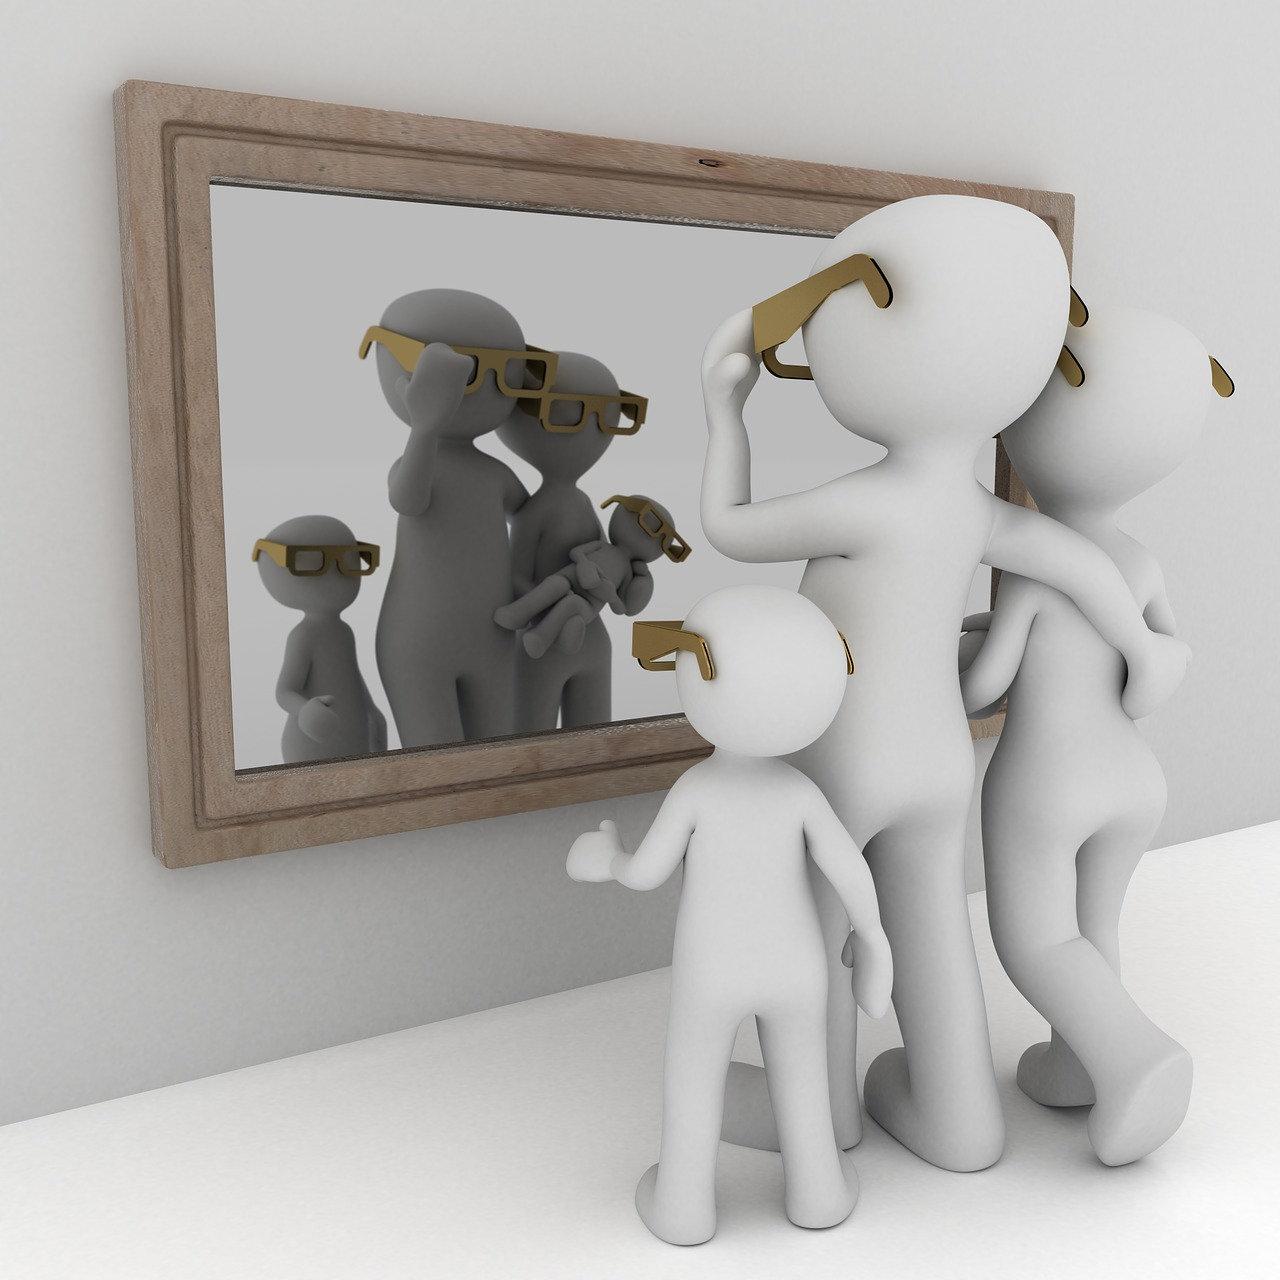 TÜKRÖM, TÜKRÖM - avagy mit üzen rólad a valóságod?